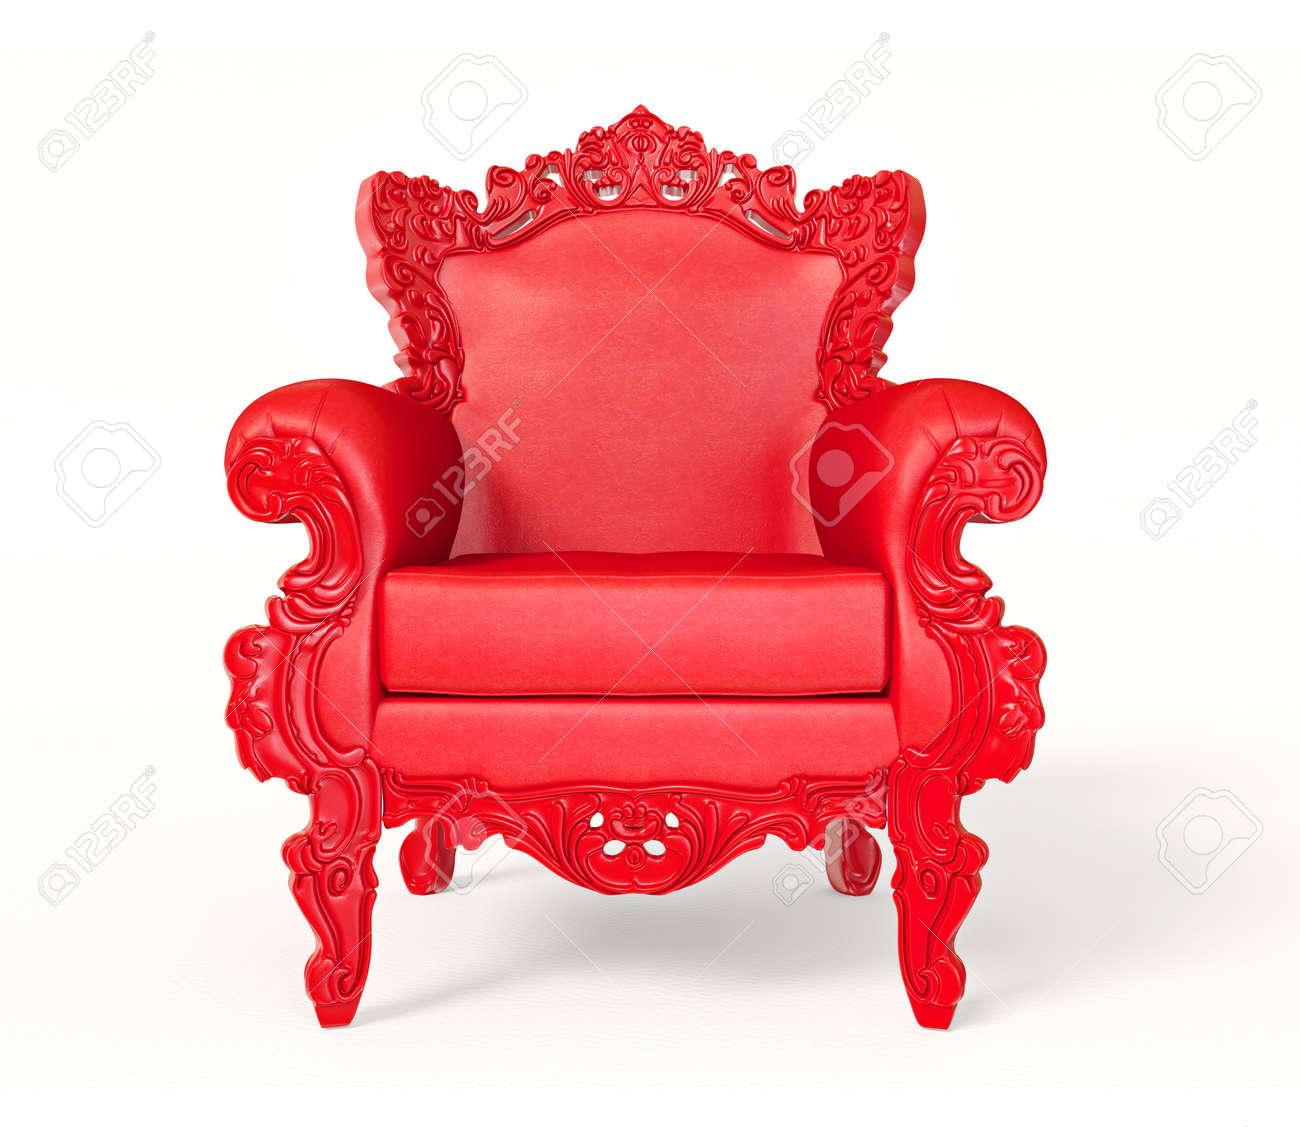 La Poltrona Rossa.Poltrona Rossa Concettuale Isolata Su Una Priorita Bassa Bianca